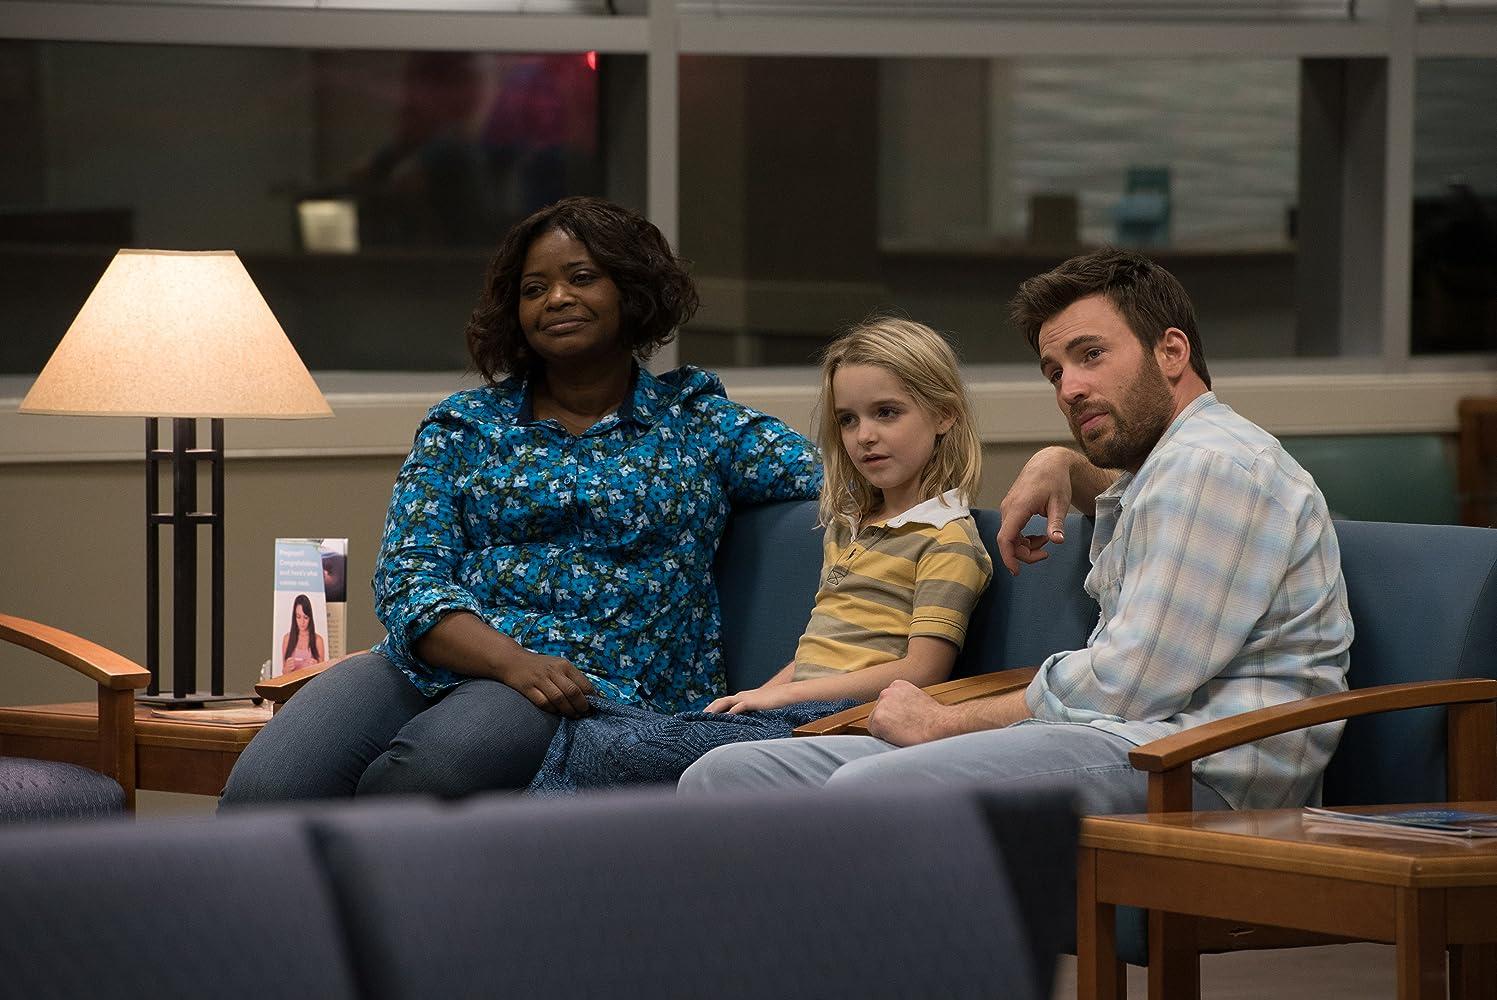 Dalam film 'Gifted' (2017), Chris Evans beradu peran dengan Octavia Spencer dan Mckenna Grace.